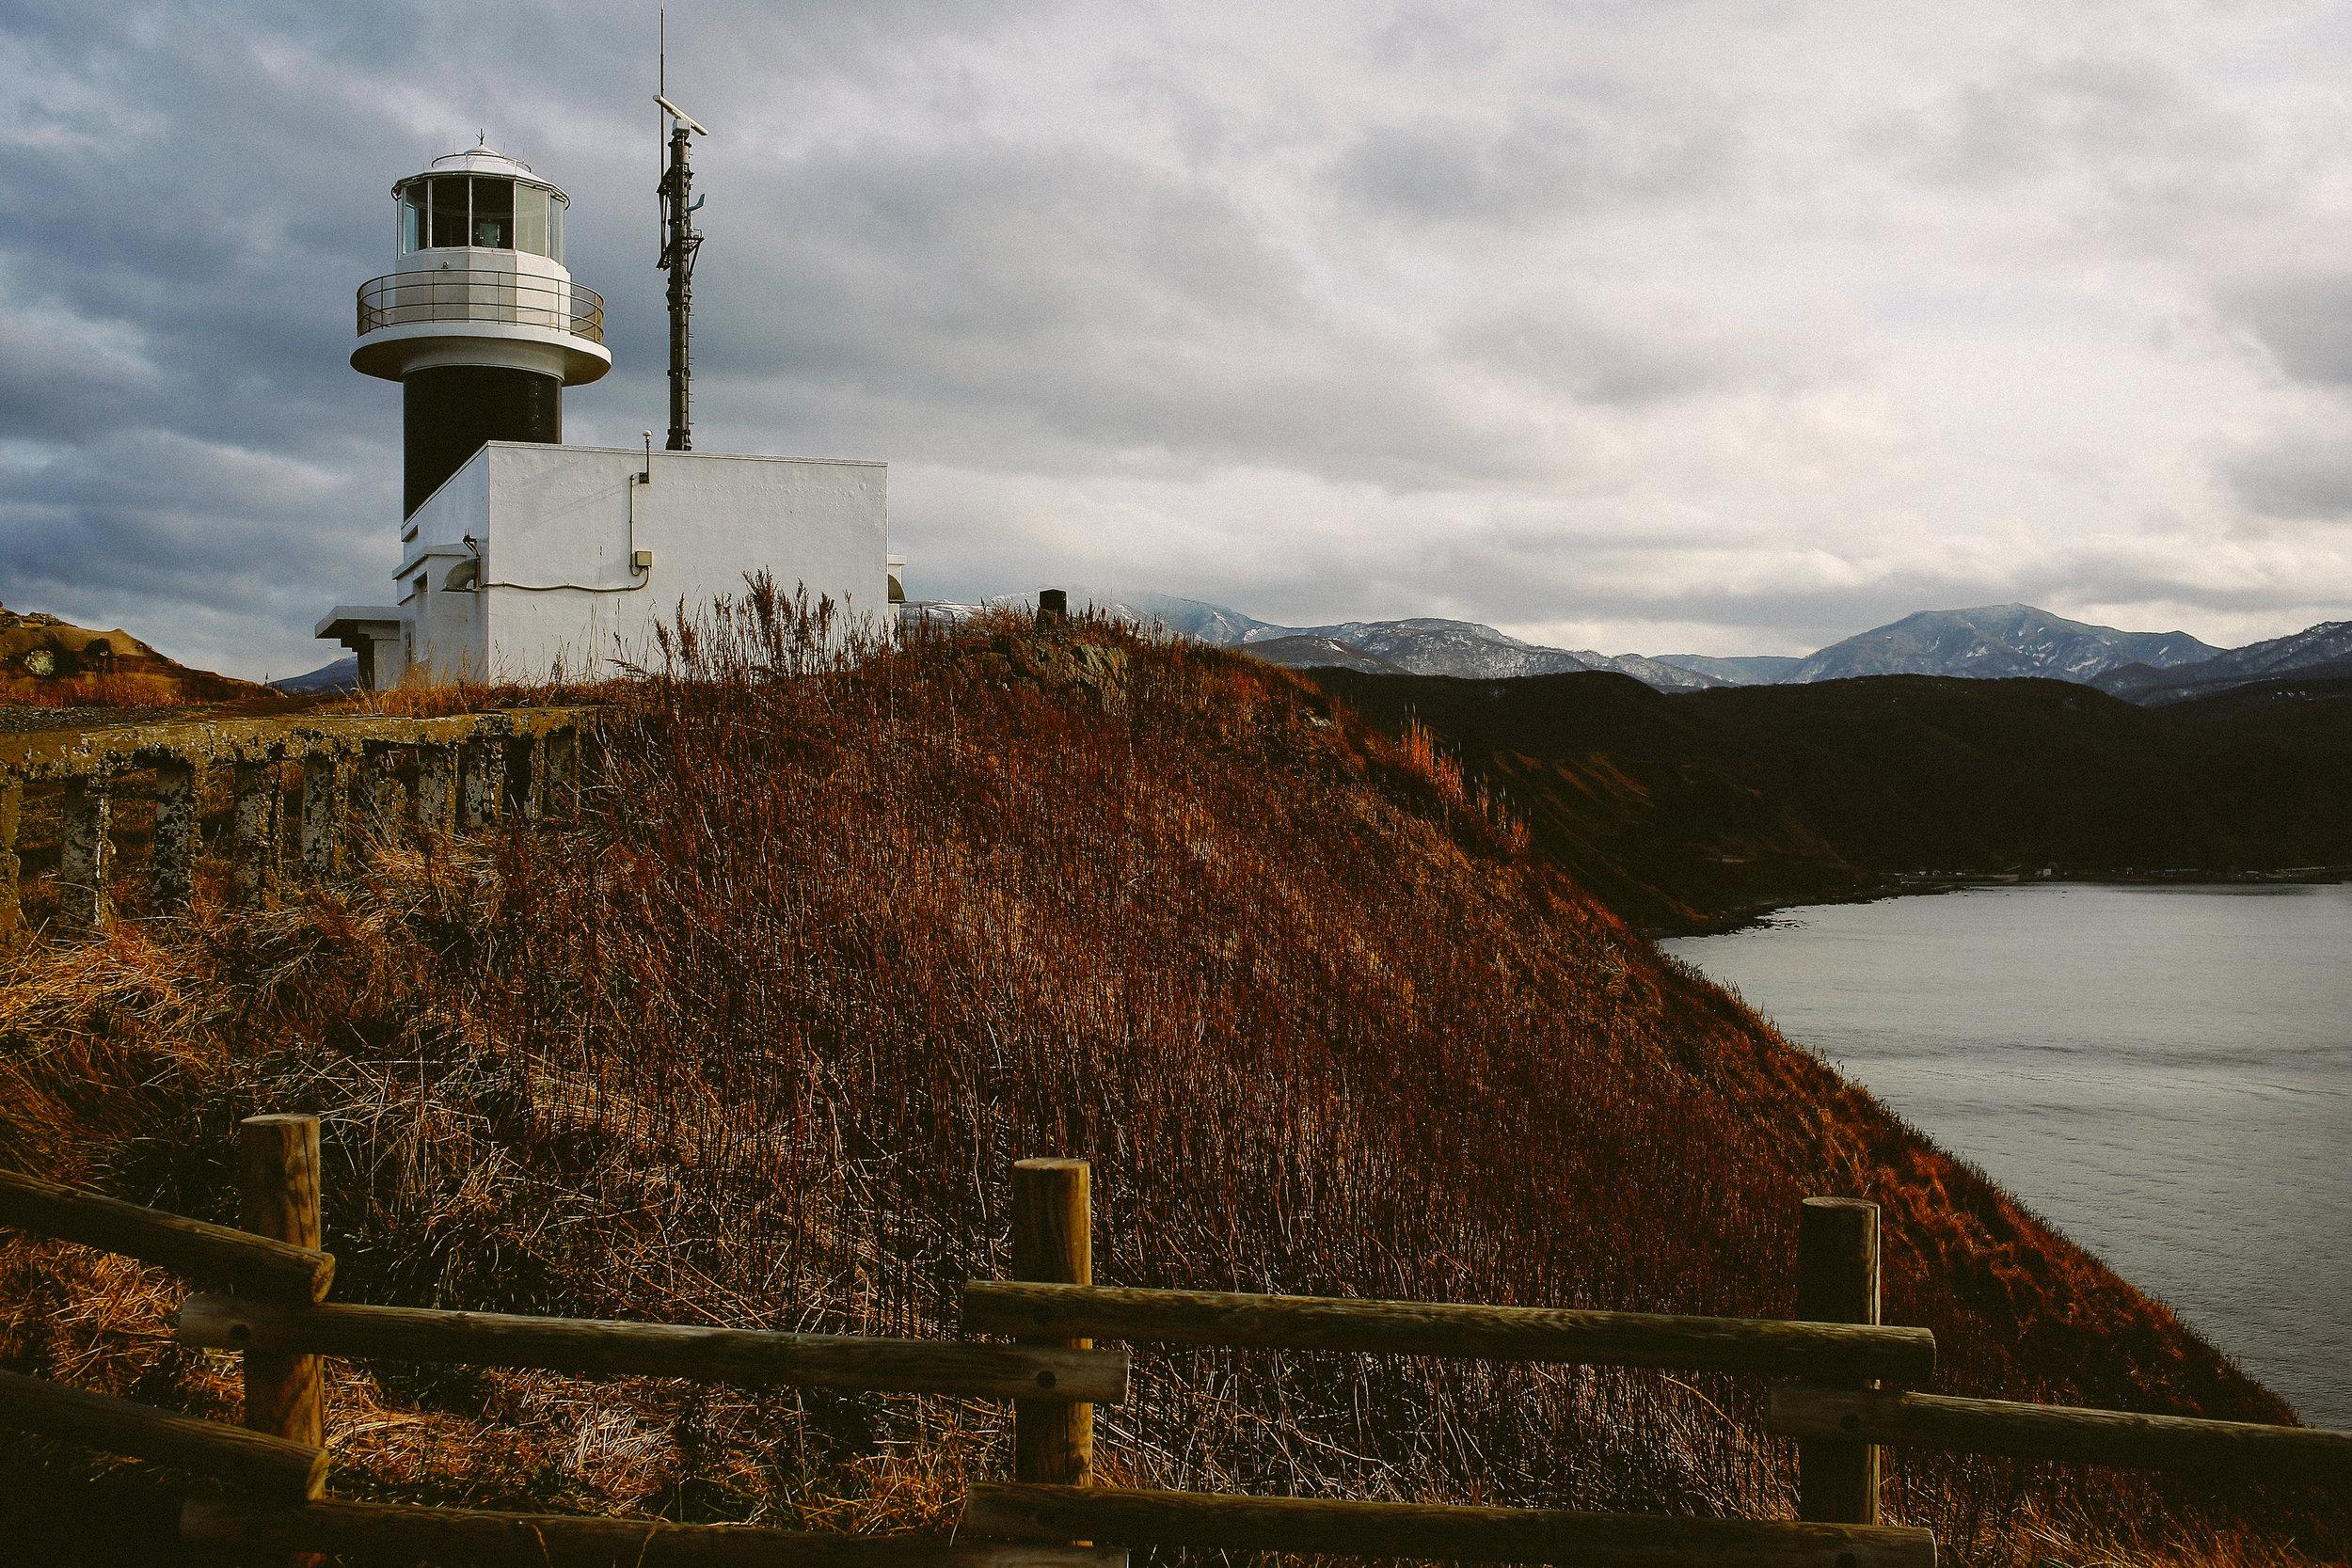 Old lighthouse at Sakotan